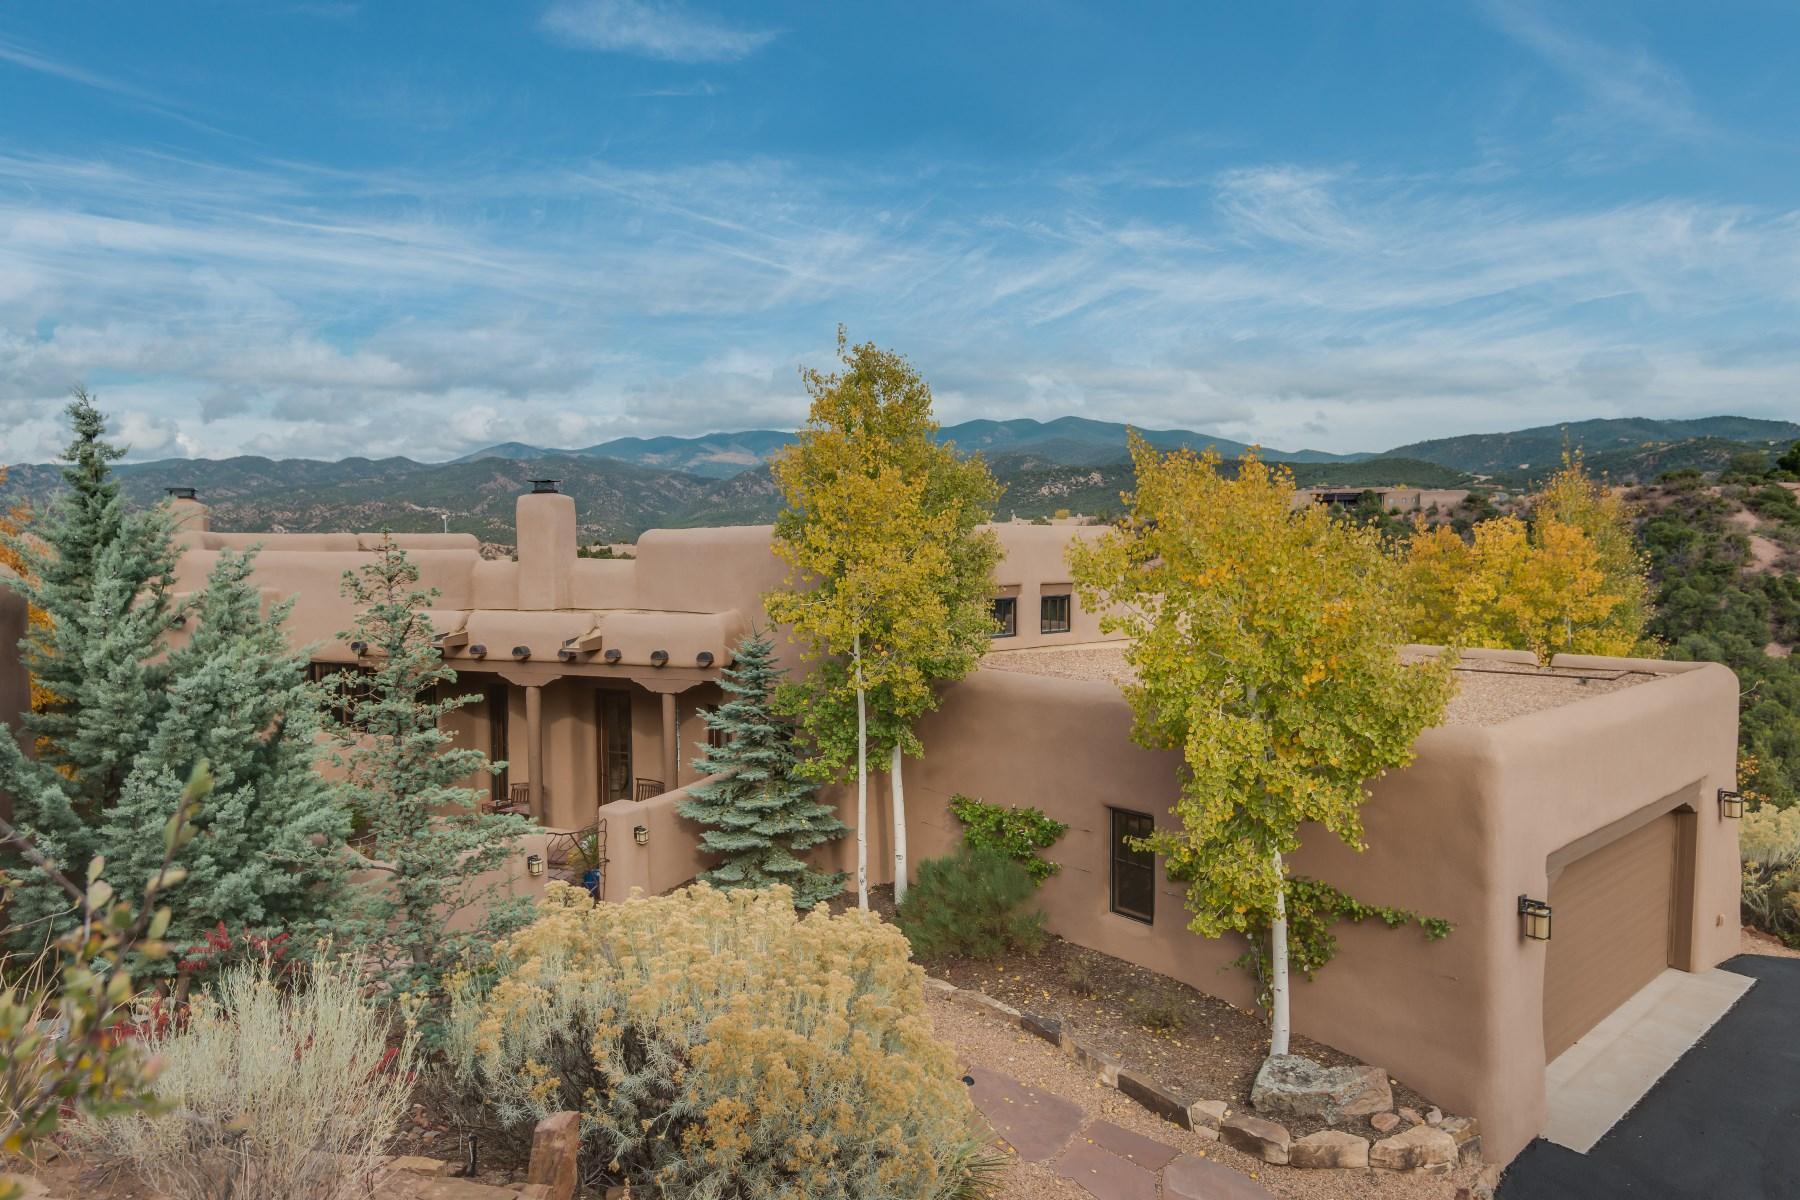 一戸建て のために 売買 アット 84 Circle Drive Compound Santa Fe City Northeast, Santa Fe, ニューメキシコ, 87501 アメリカ合衆国